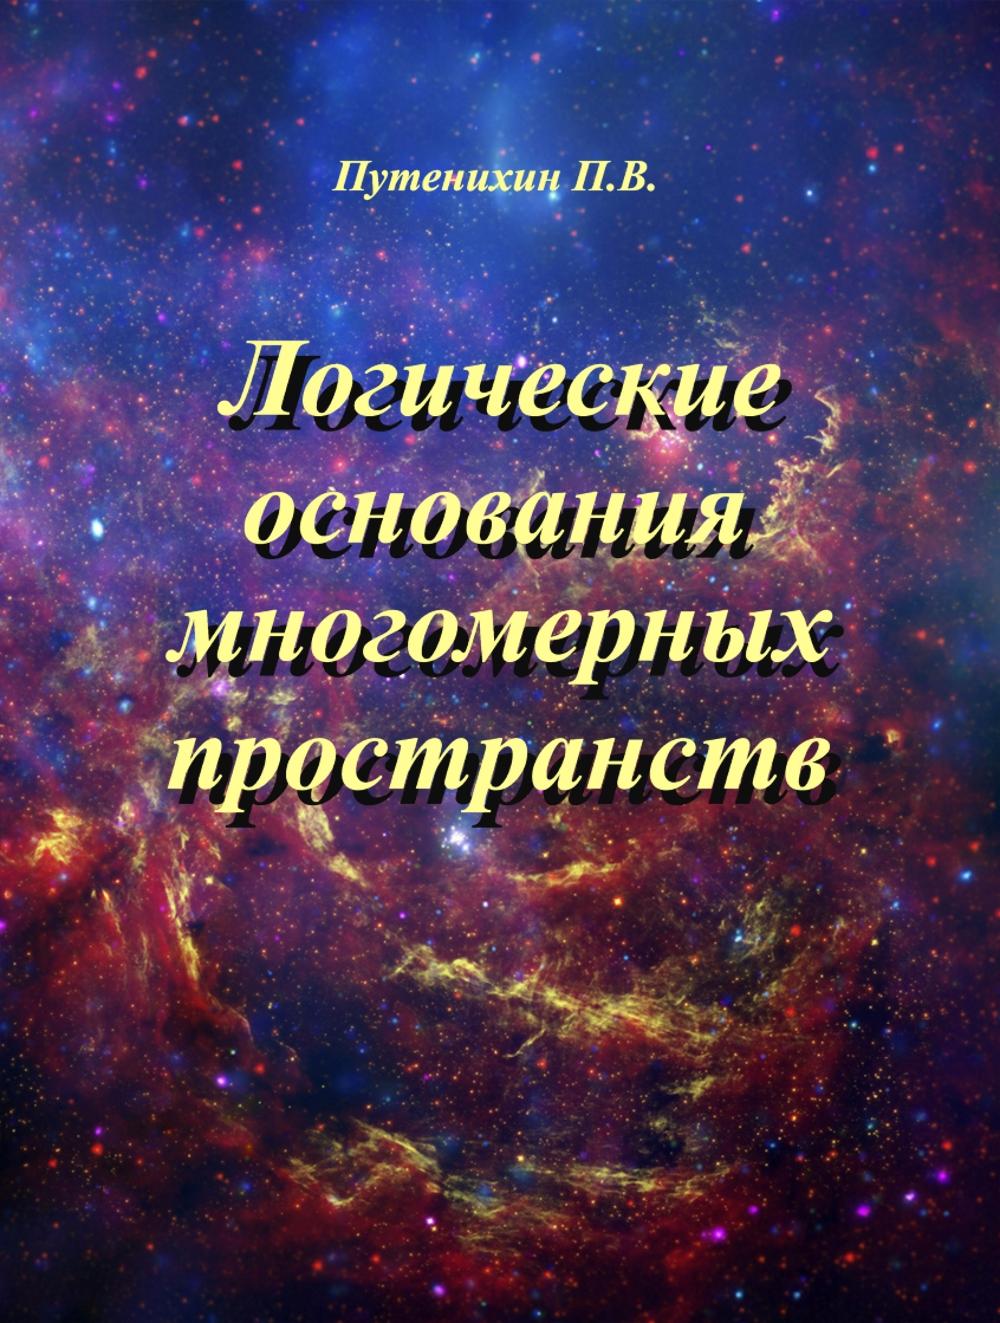 На фото: Путенихин П.В., Логические основания многомерных пространств, автор: putenikhin